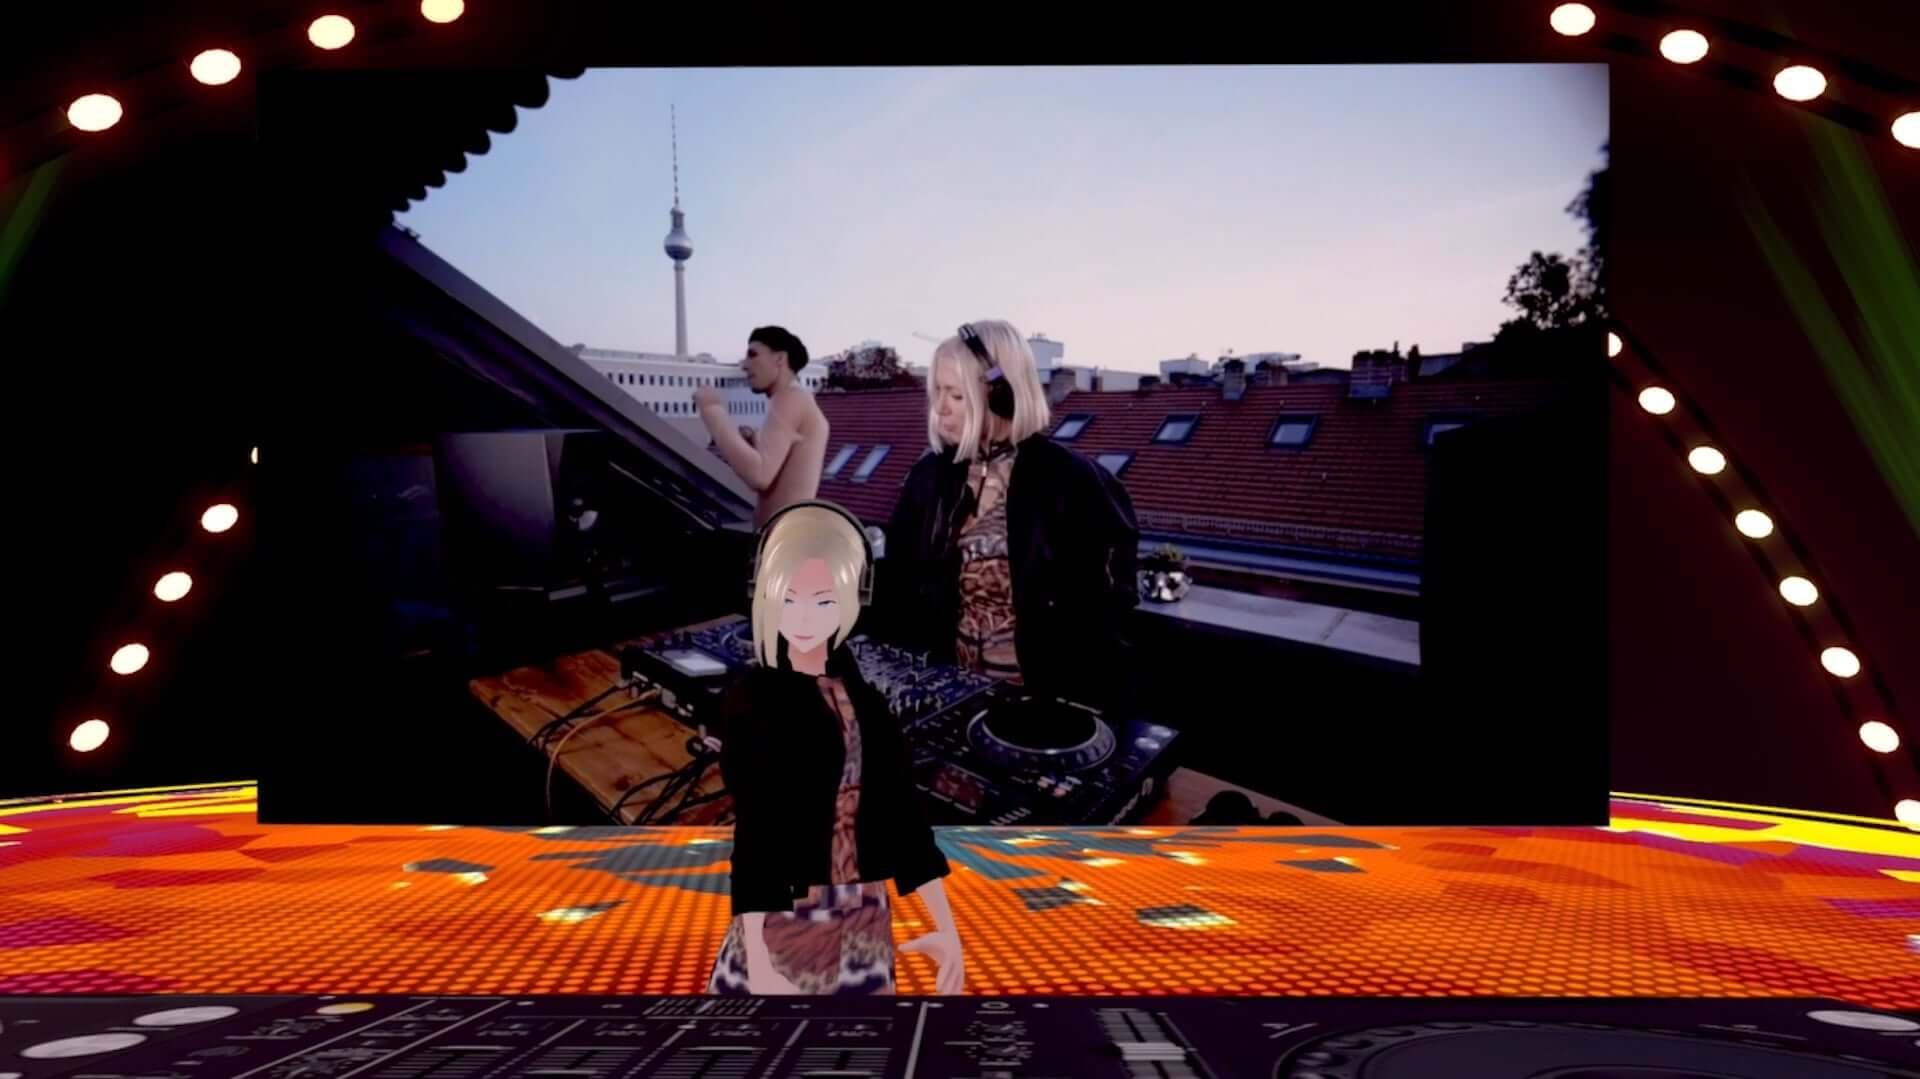 バーチャル渋谷にSUPER DOMMUNEが出現!Ellen Allien、KEN ISHIIらが出演した<DJ IN THE MIRROR WORLD>のレポートが到着 art201104_shibuya5g-halloweenfes_27-1920x1079